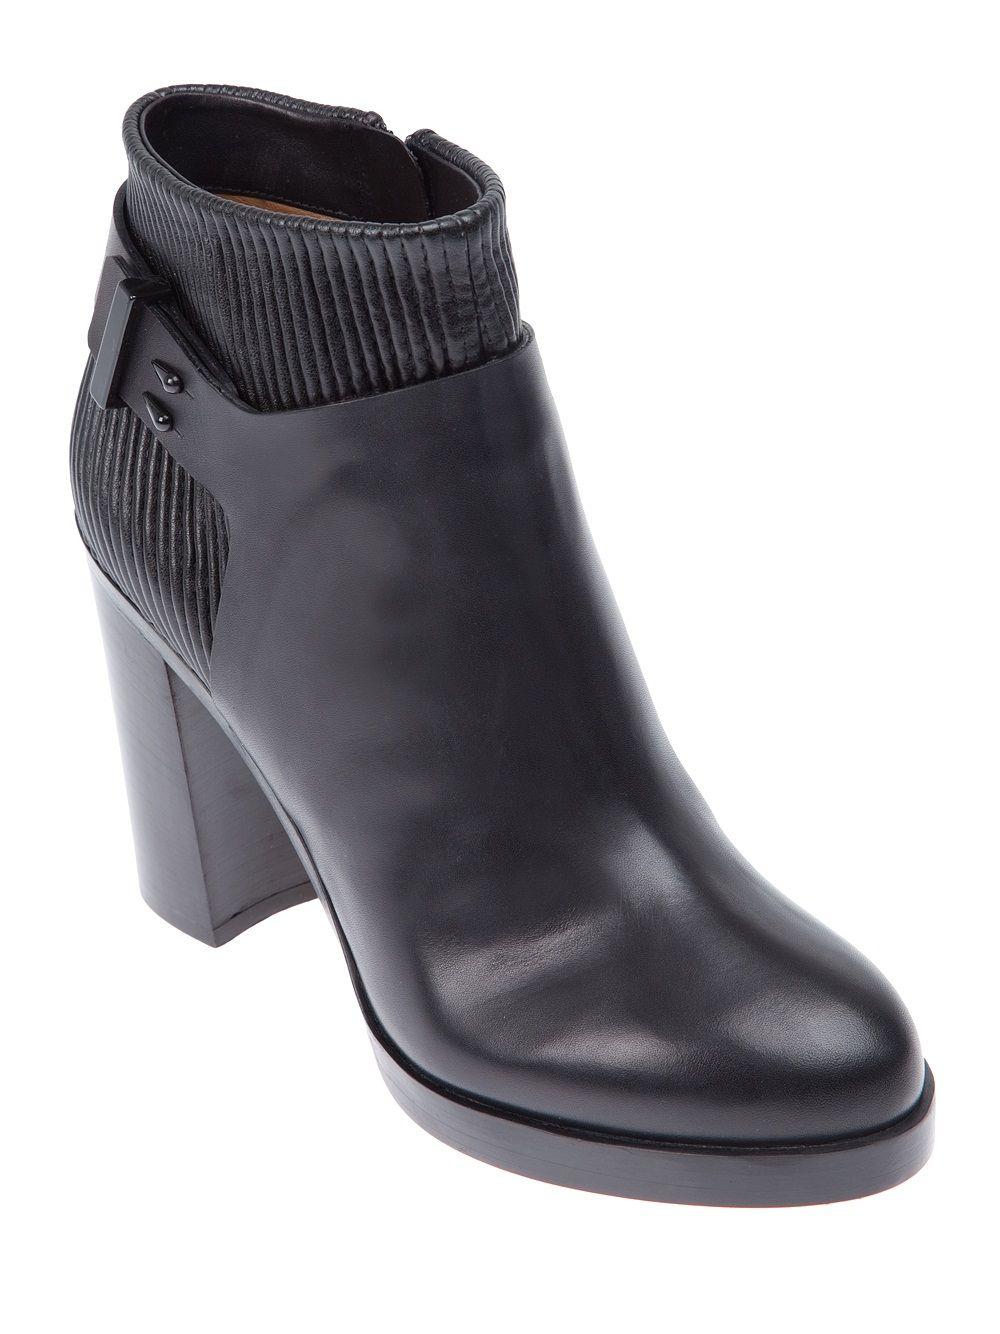 Marsall Trapu Chaussures À Lacets Talon - Noir 5cqME6